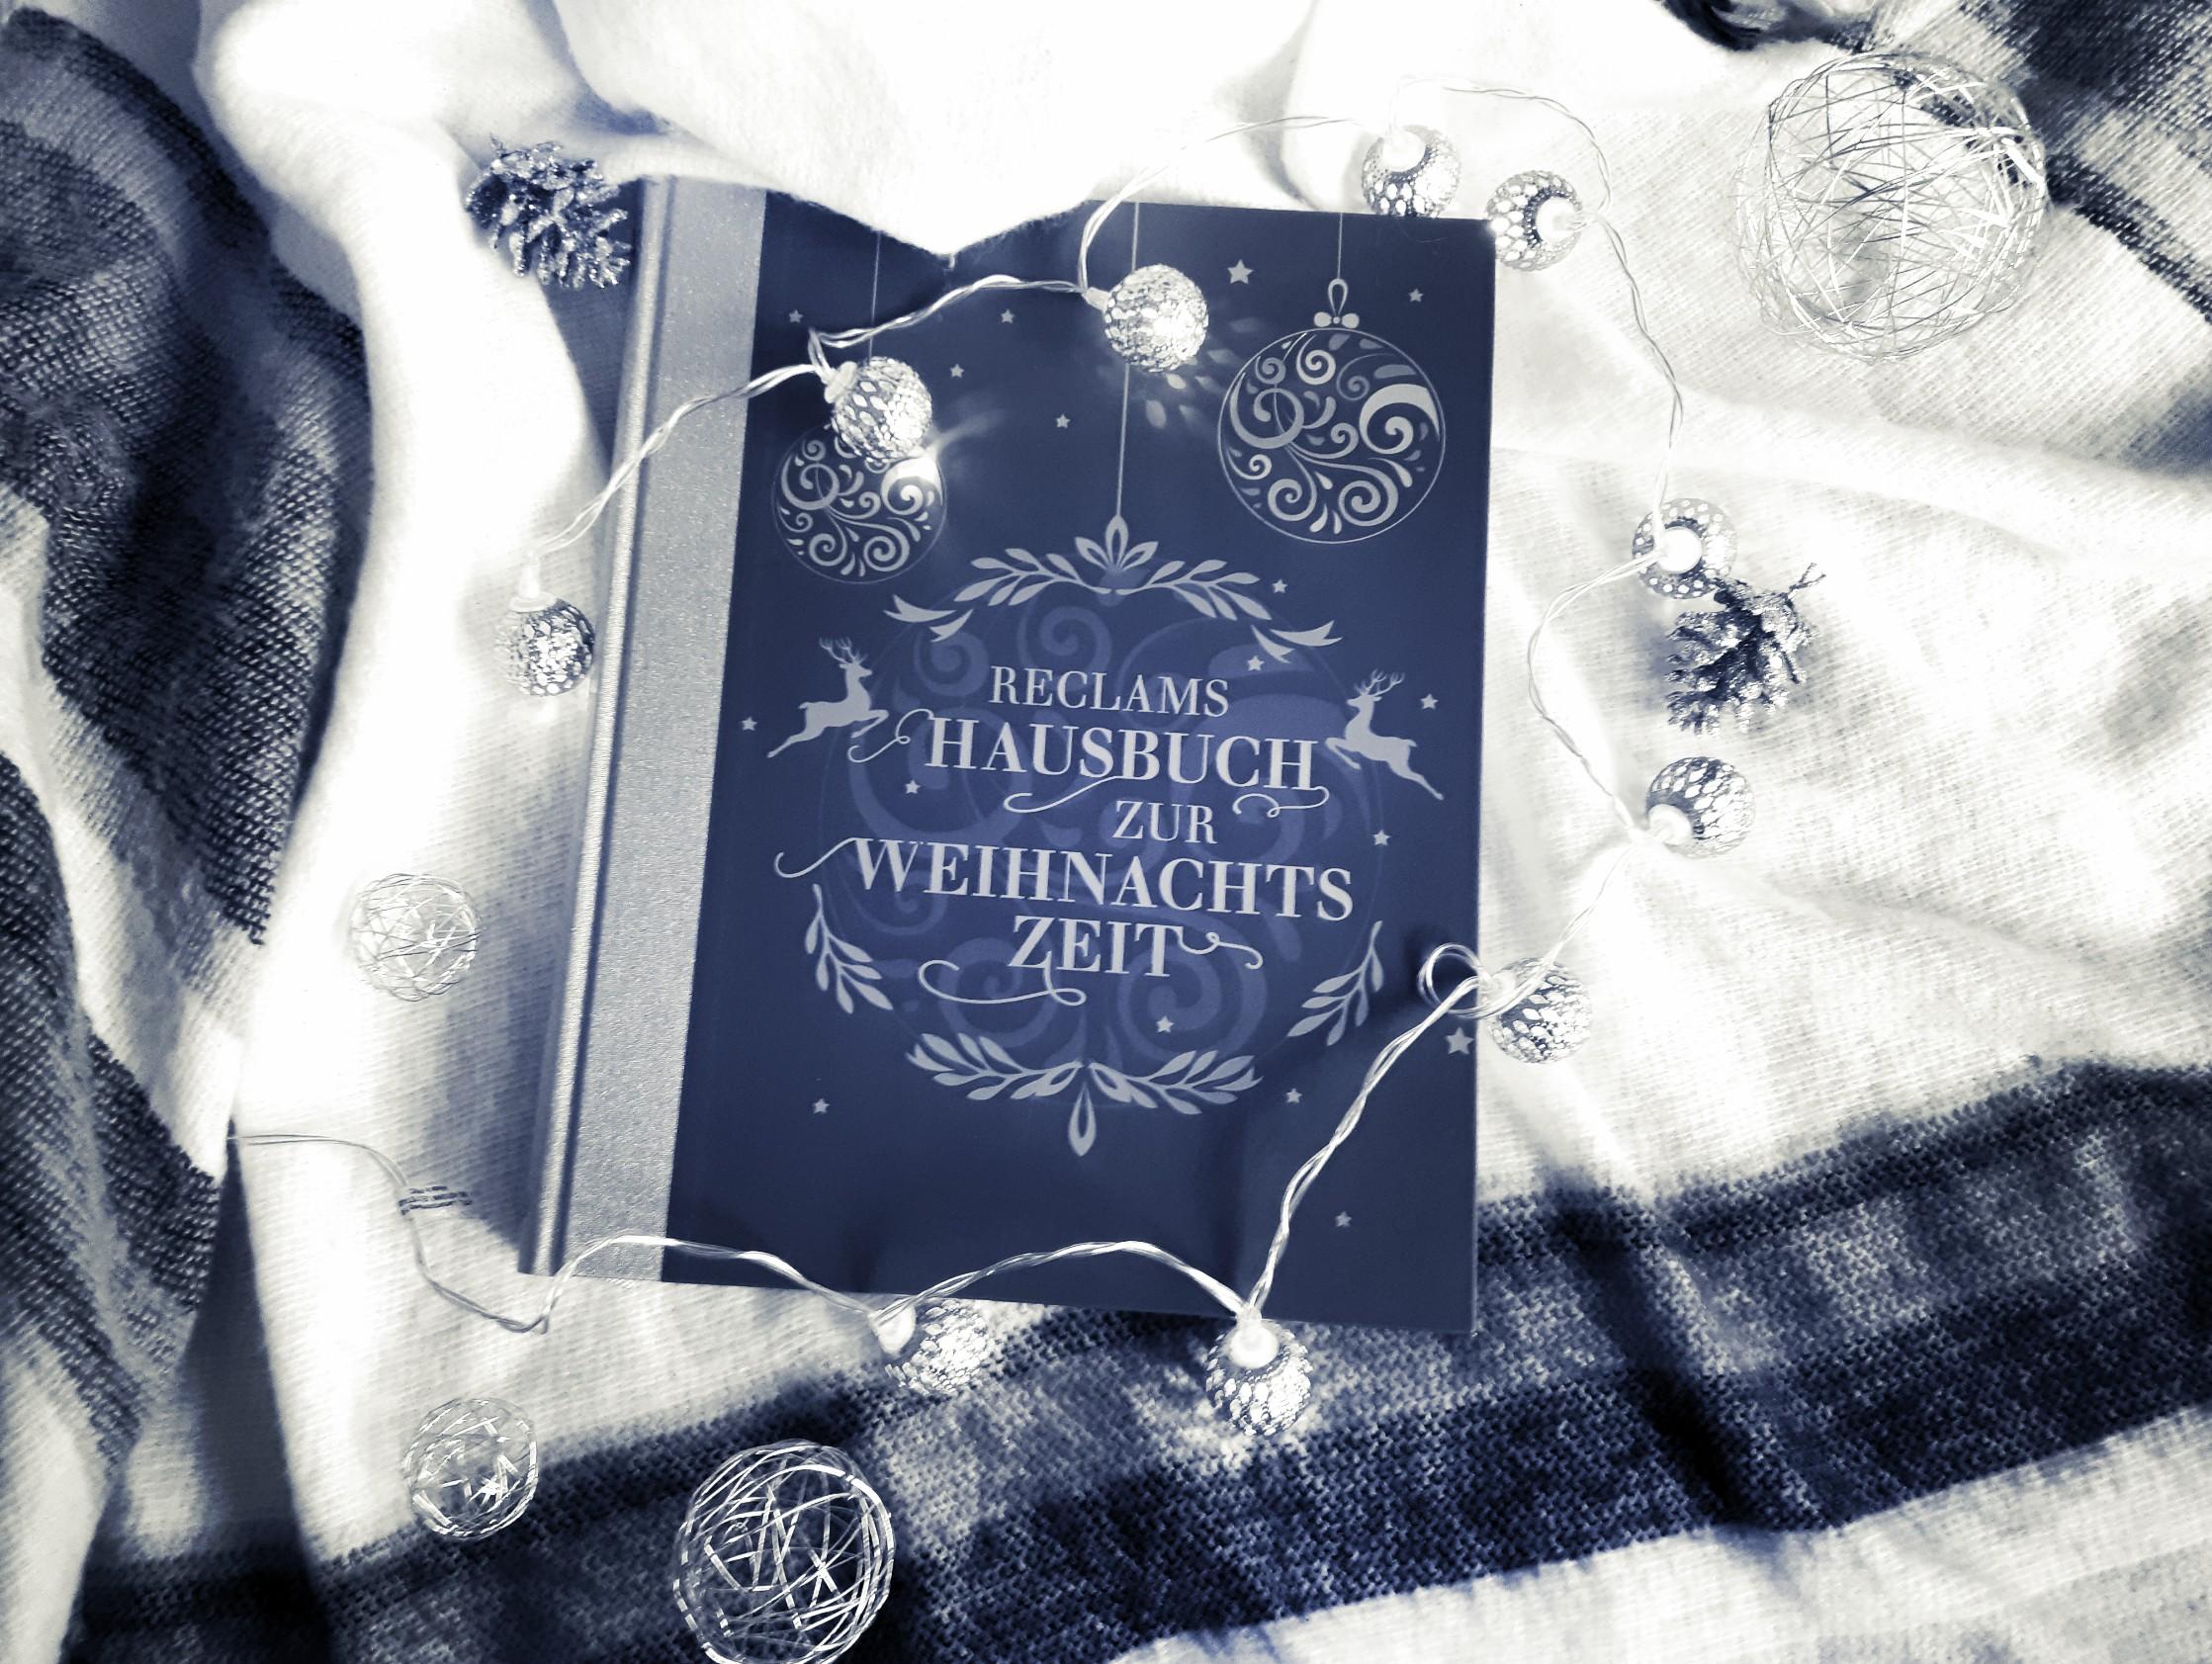 [Rezension] Reclams Hausbuch zur Weihnachtszeit